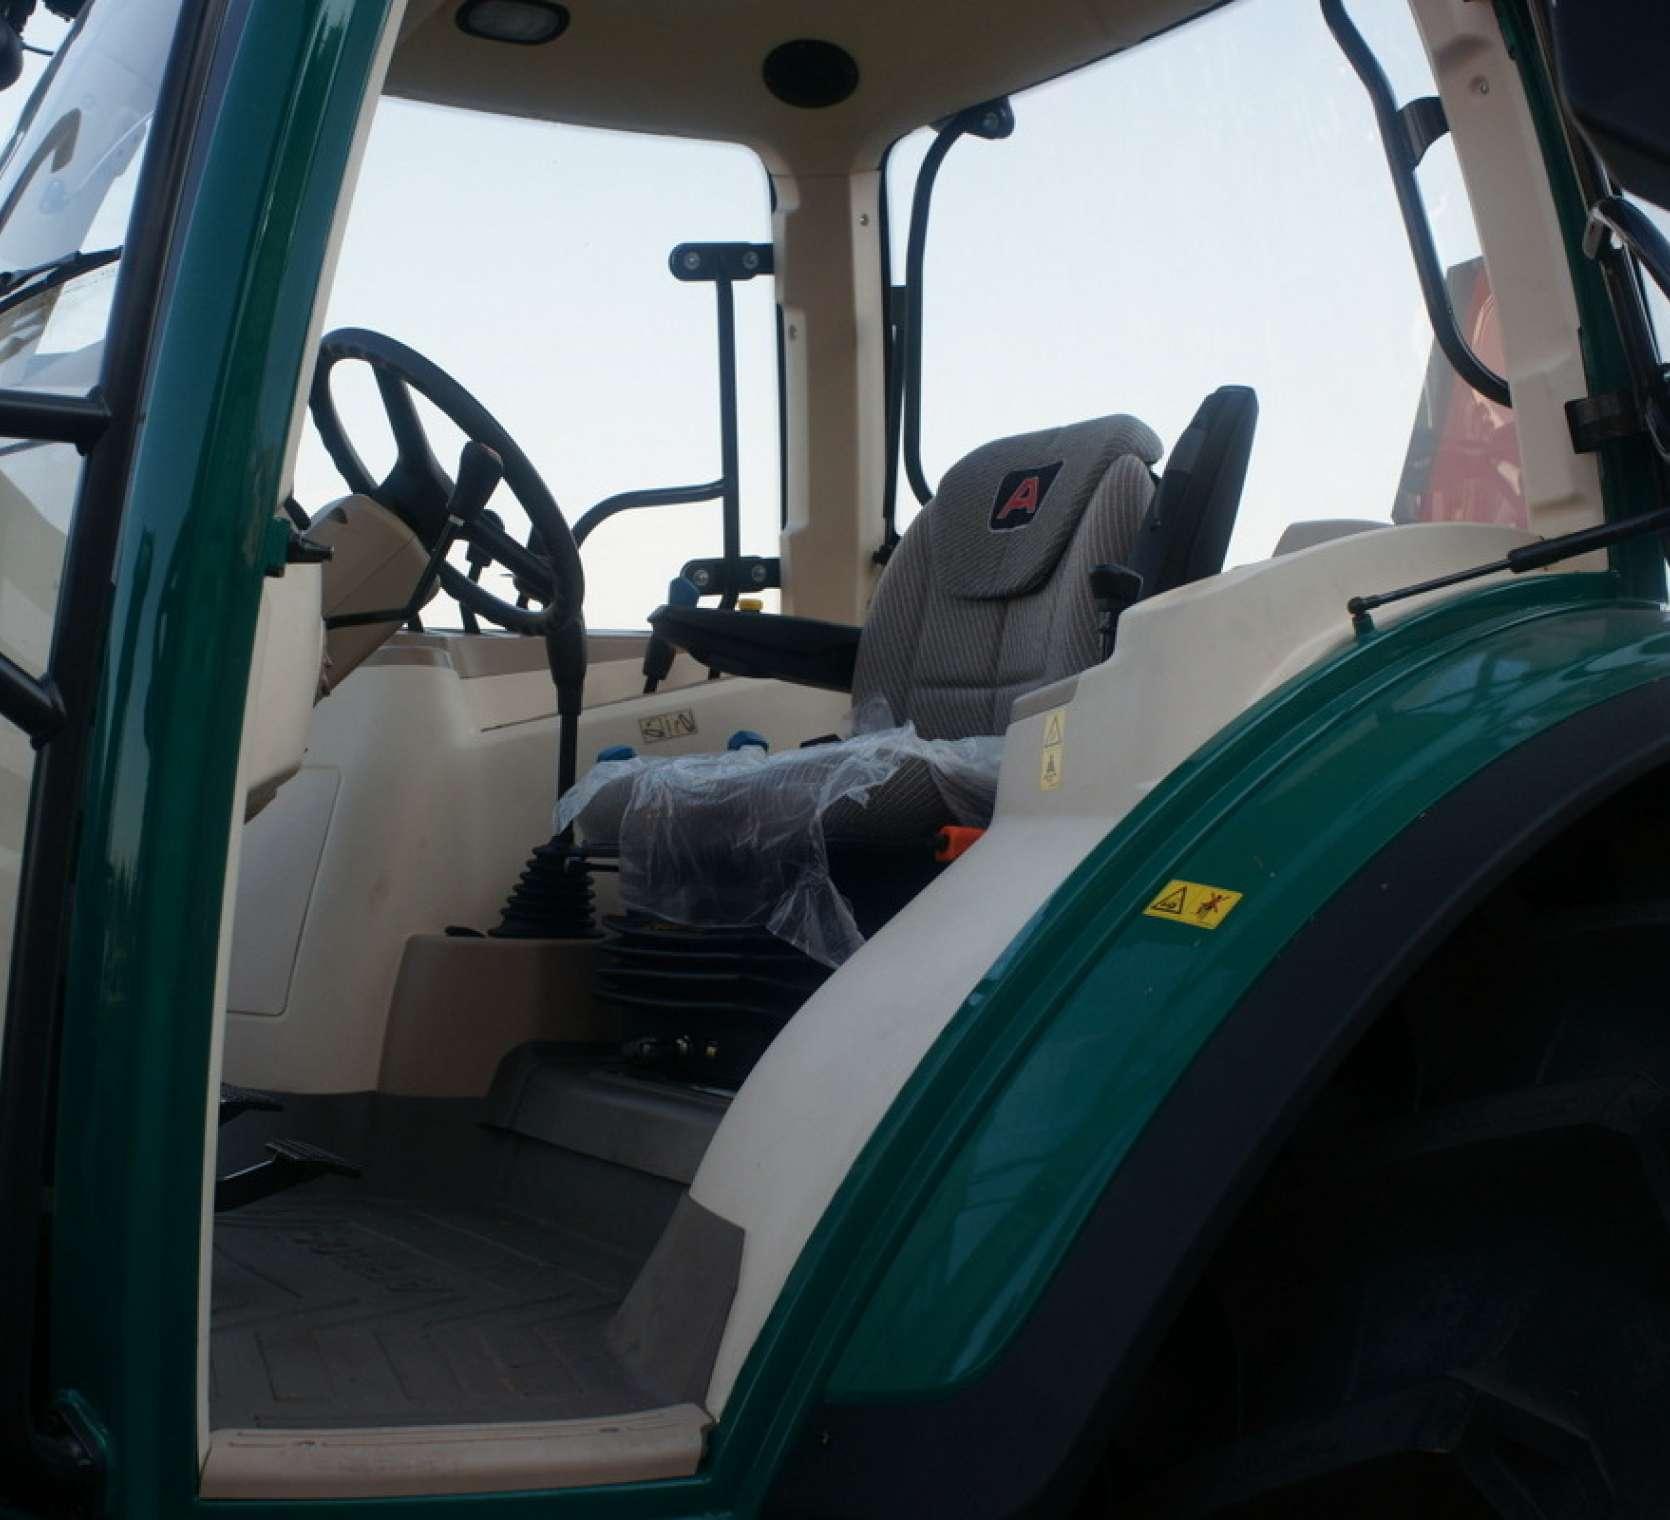 ujecie z boku ciagnika wycentrowane na wnetrze kabiny fotel kolumna kierownicza panel sterowania